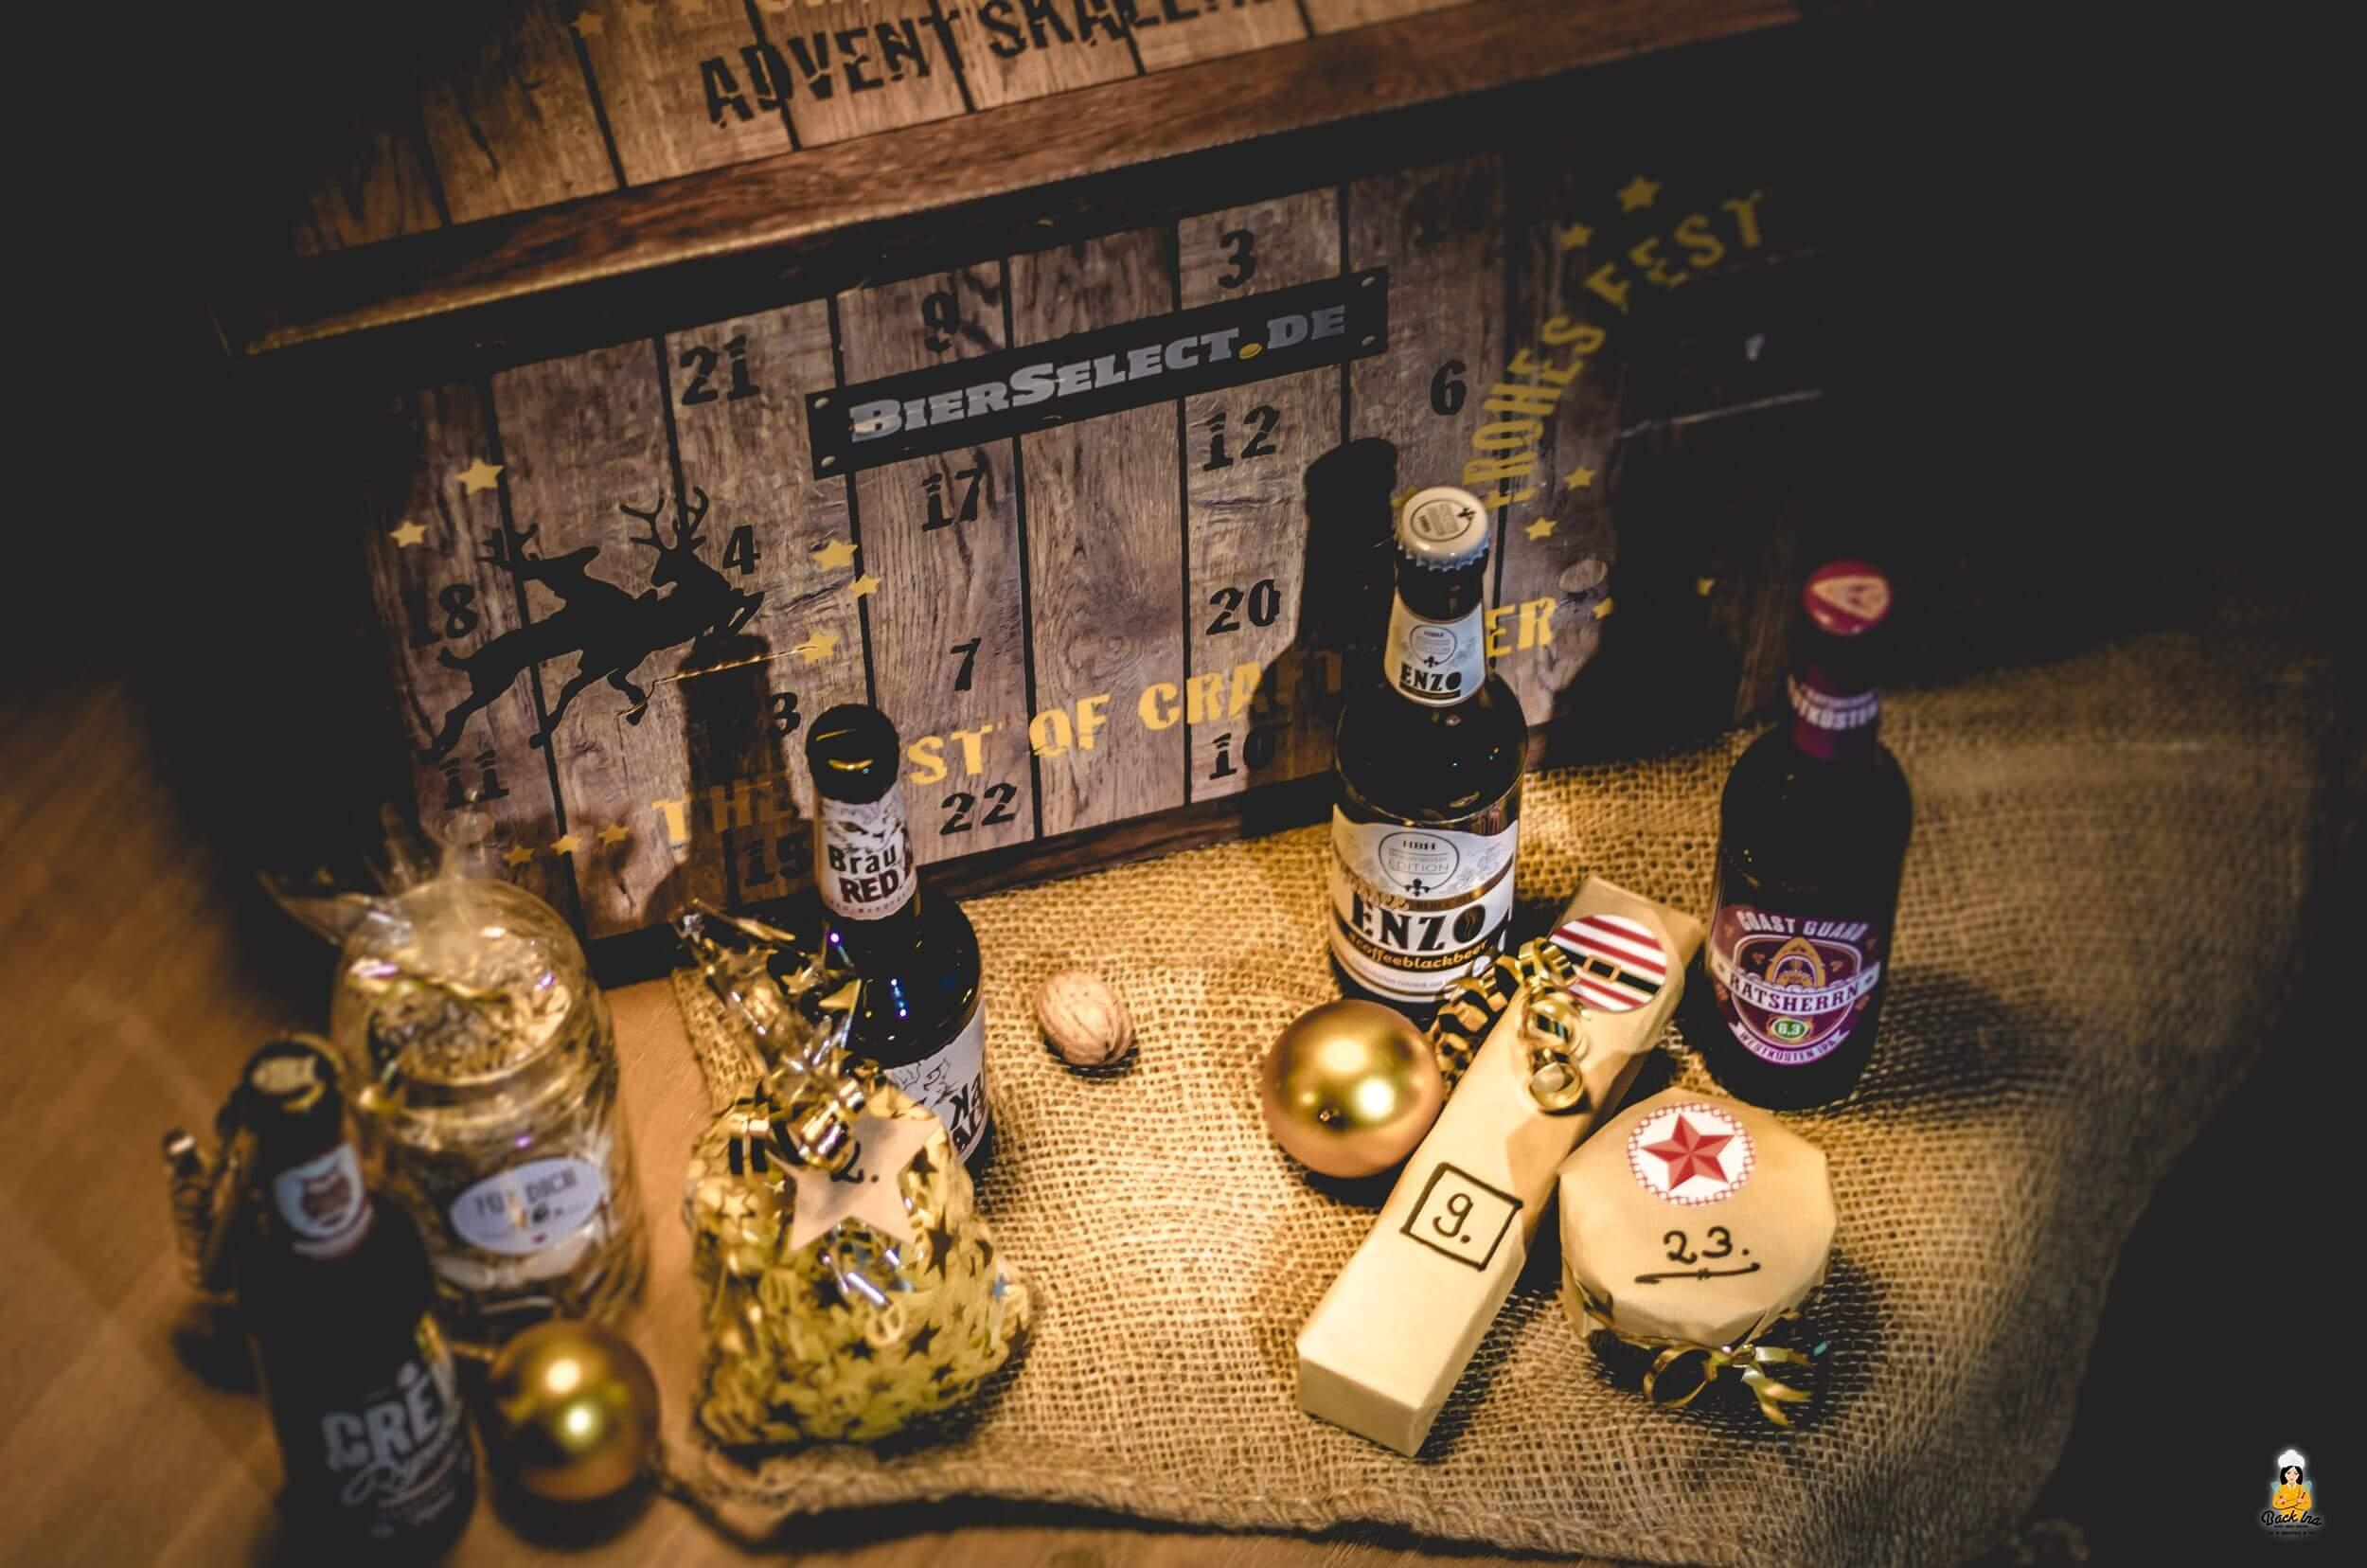 Anzeige: BierSelect Craft Beer Adventskalender und Ideen zur Individualisierung